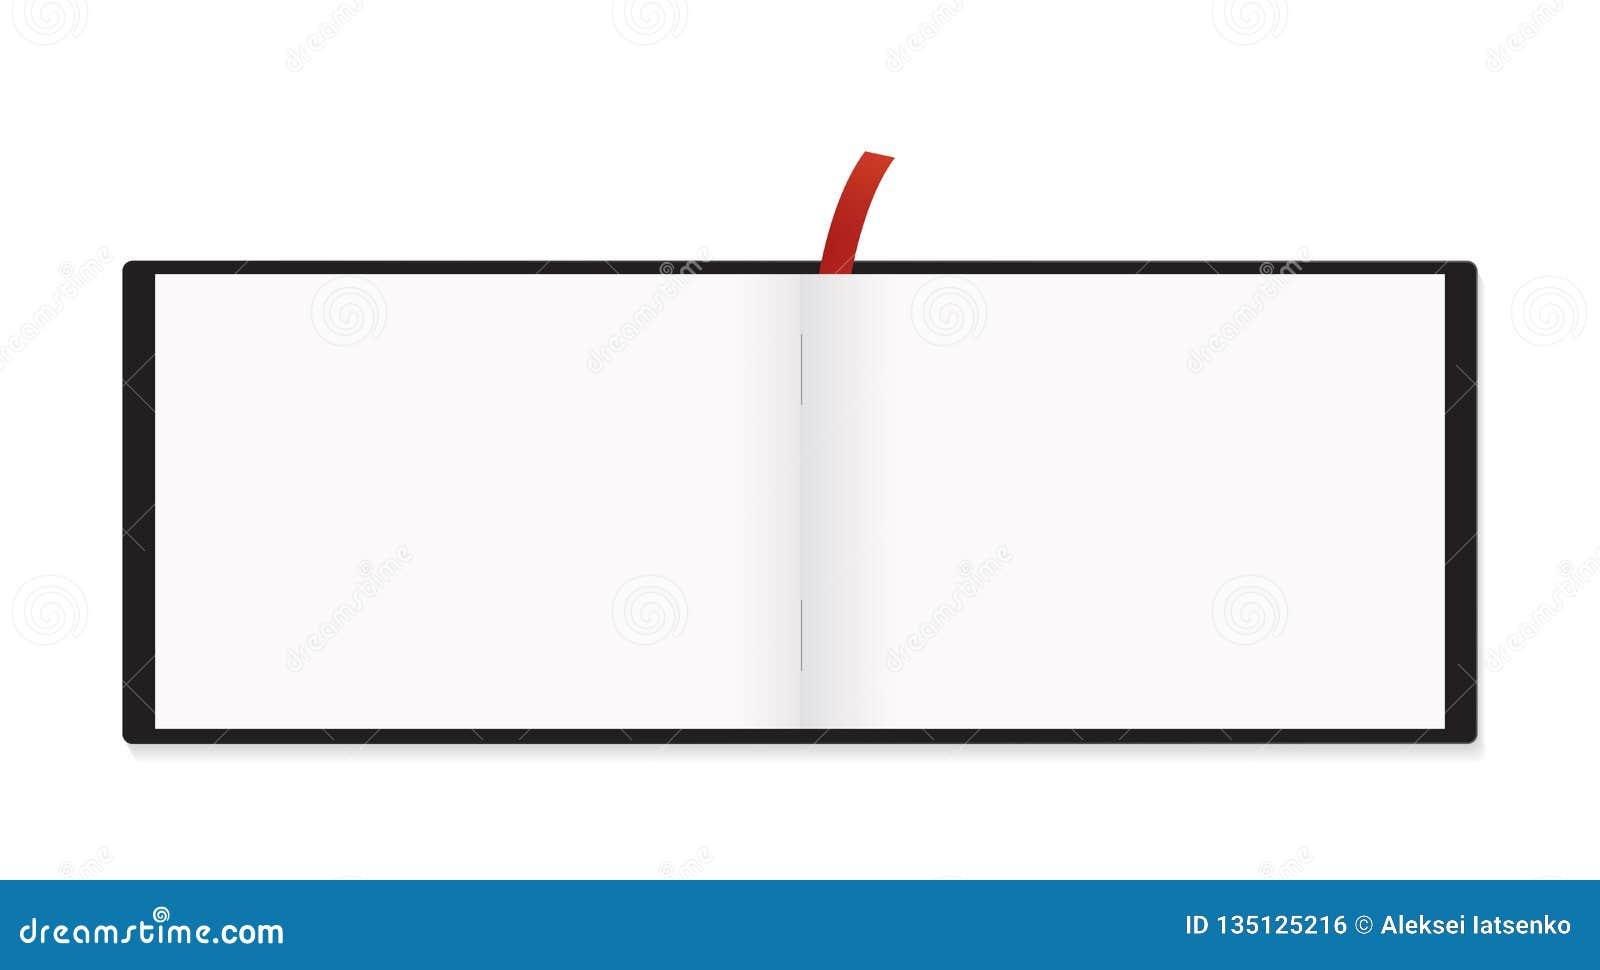 A5 het Horizontale Geïsoleerde Model van de Blocnote Rode Referentie